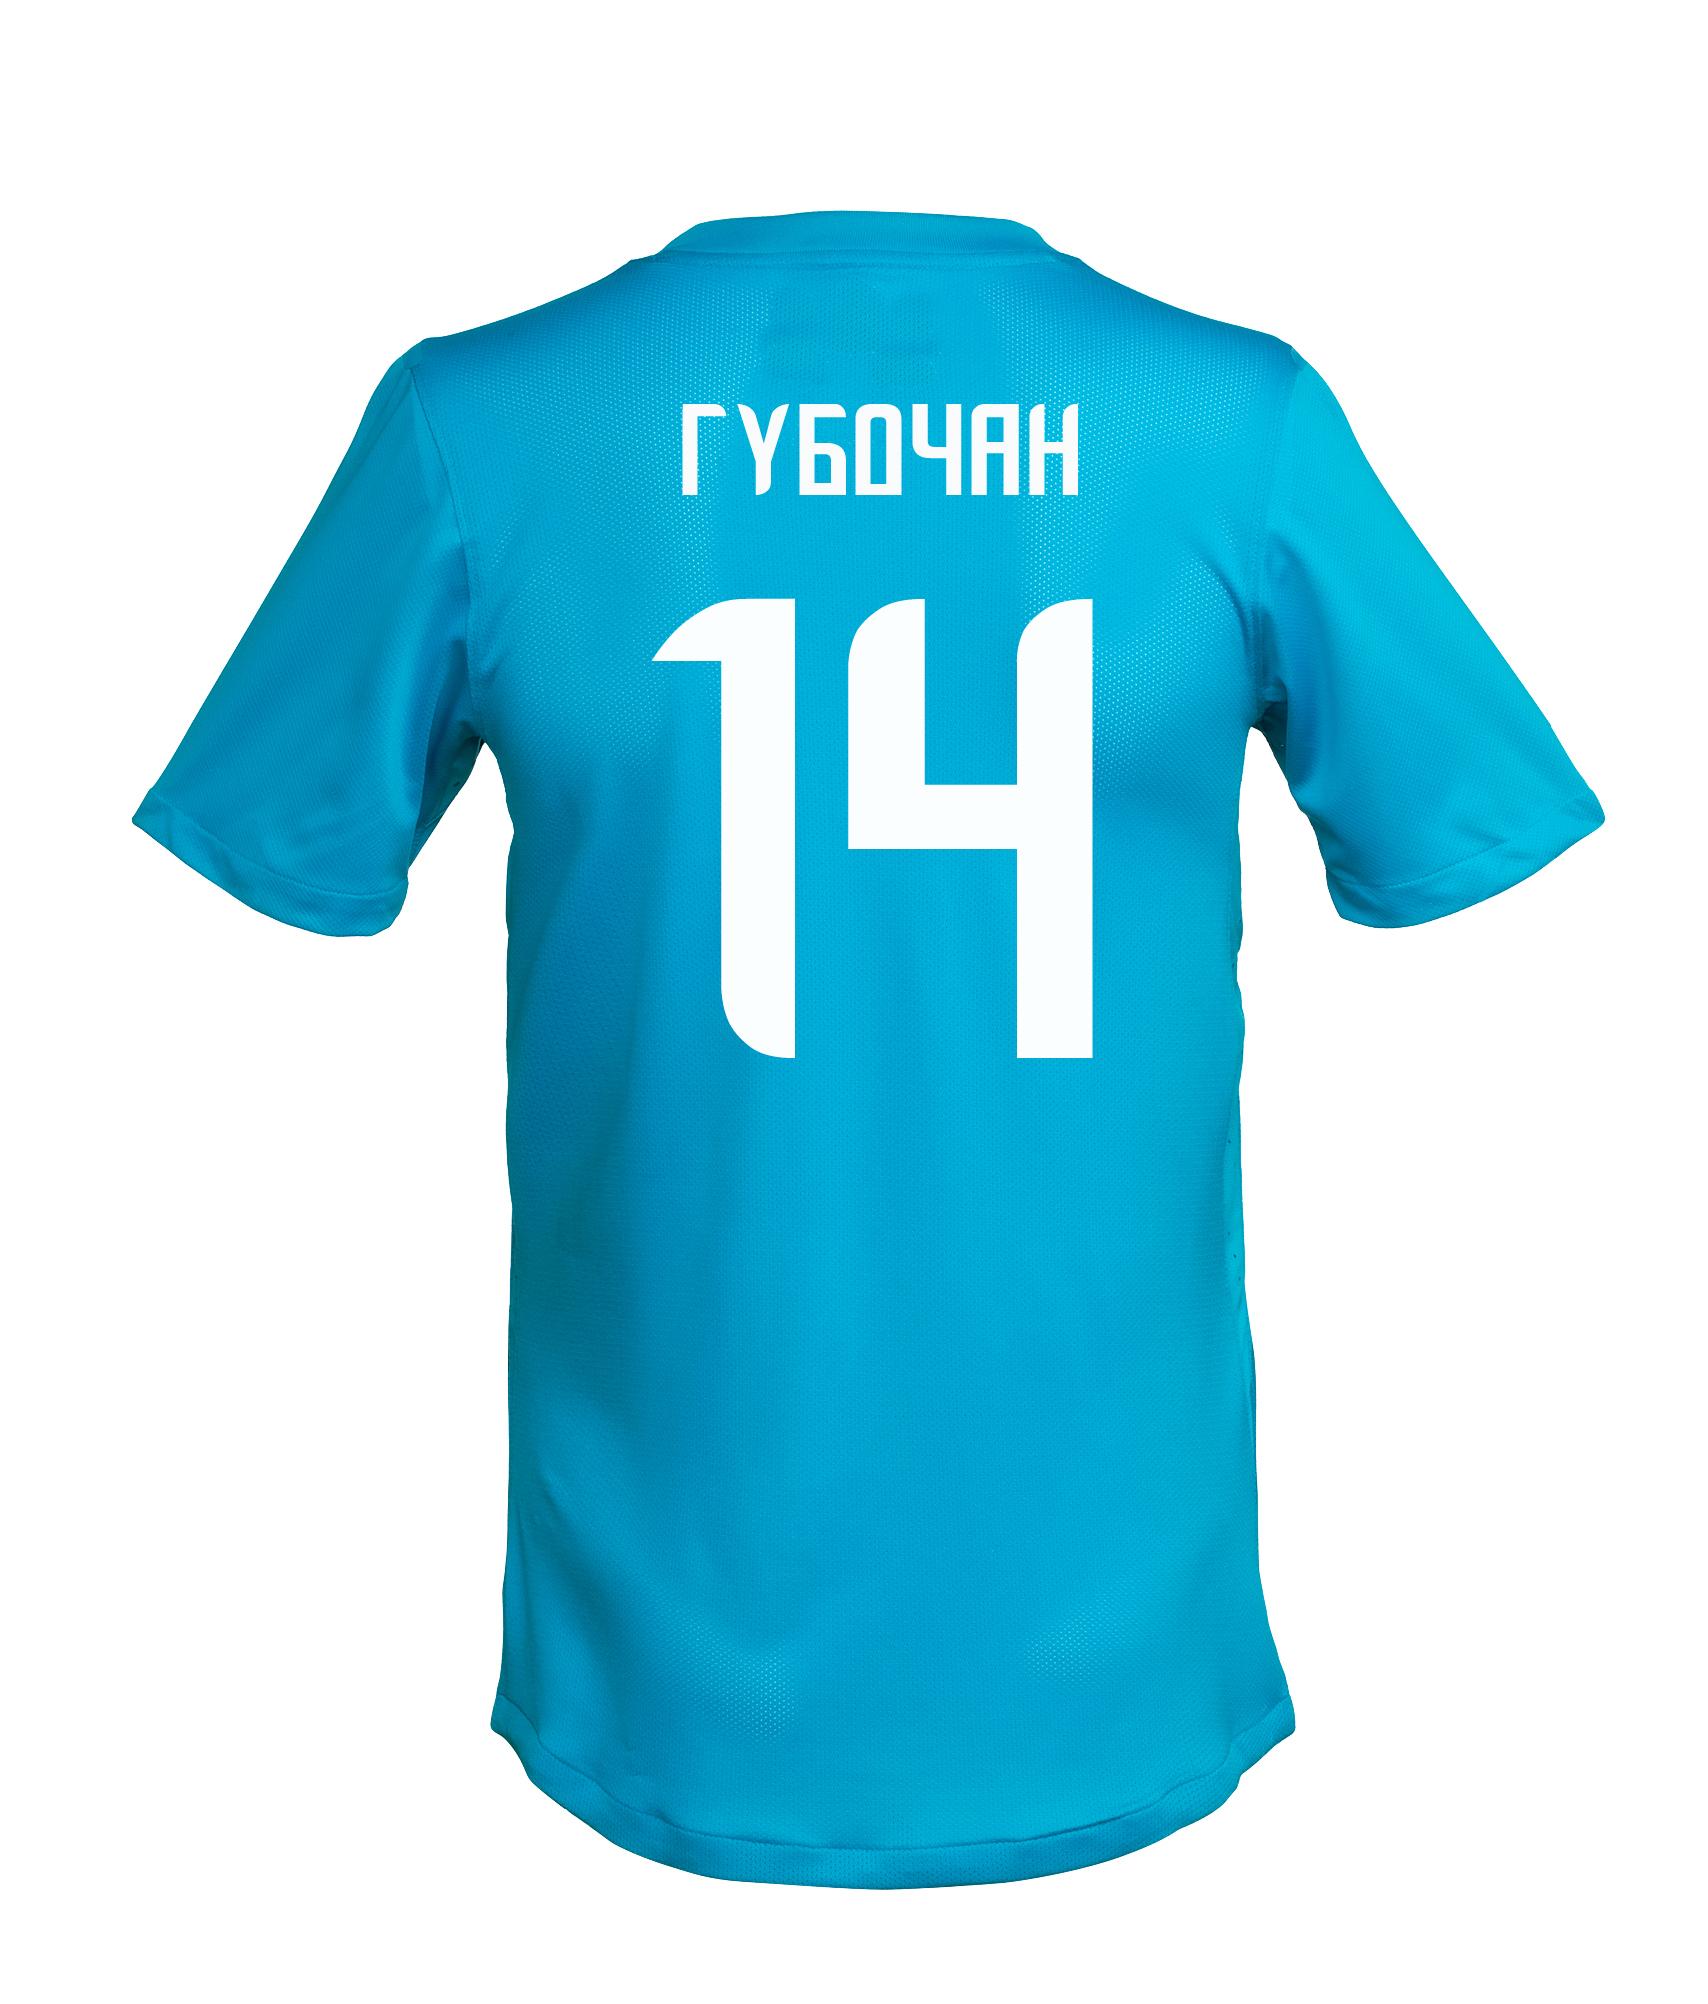 Игровая футболка с фамилией и номером Т. Губочана, Цвет-Синий, Размер-L